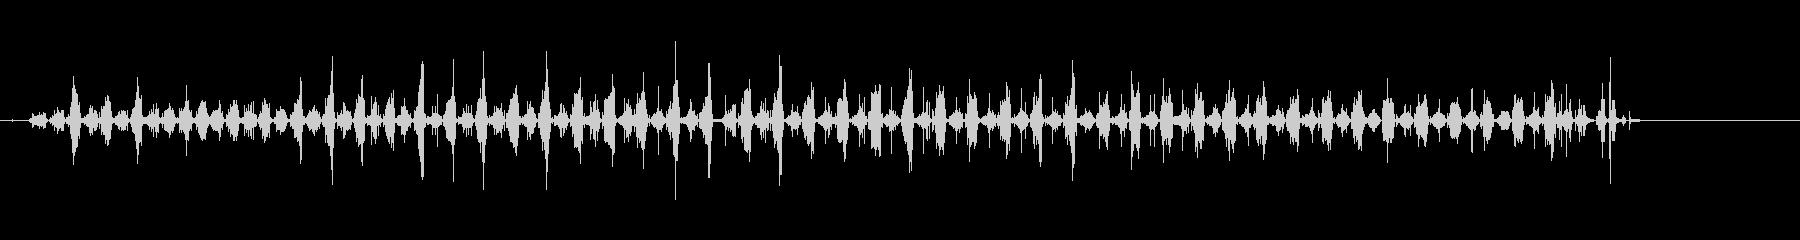 ハンドソー-木管楽器-楽器の未再生の波形